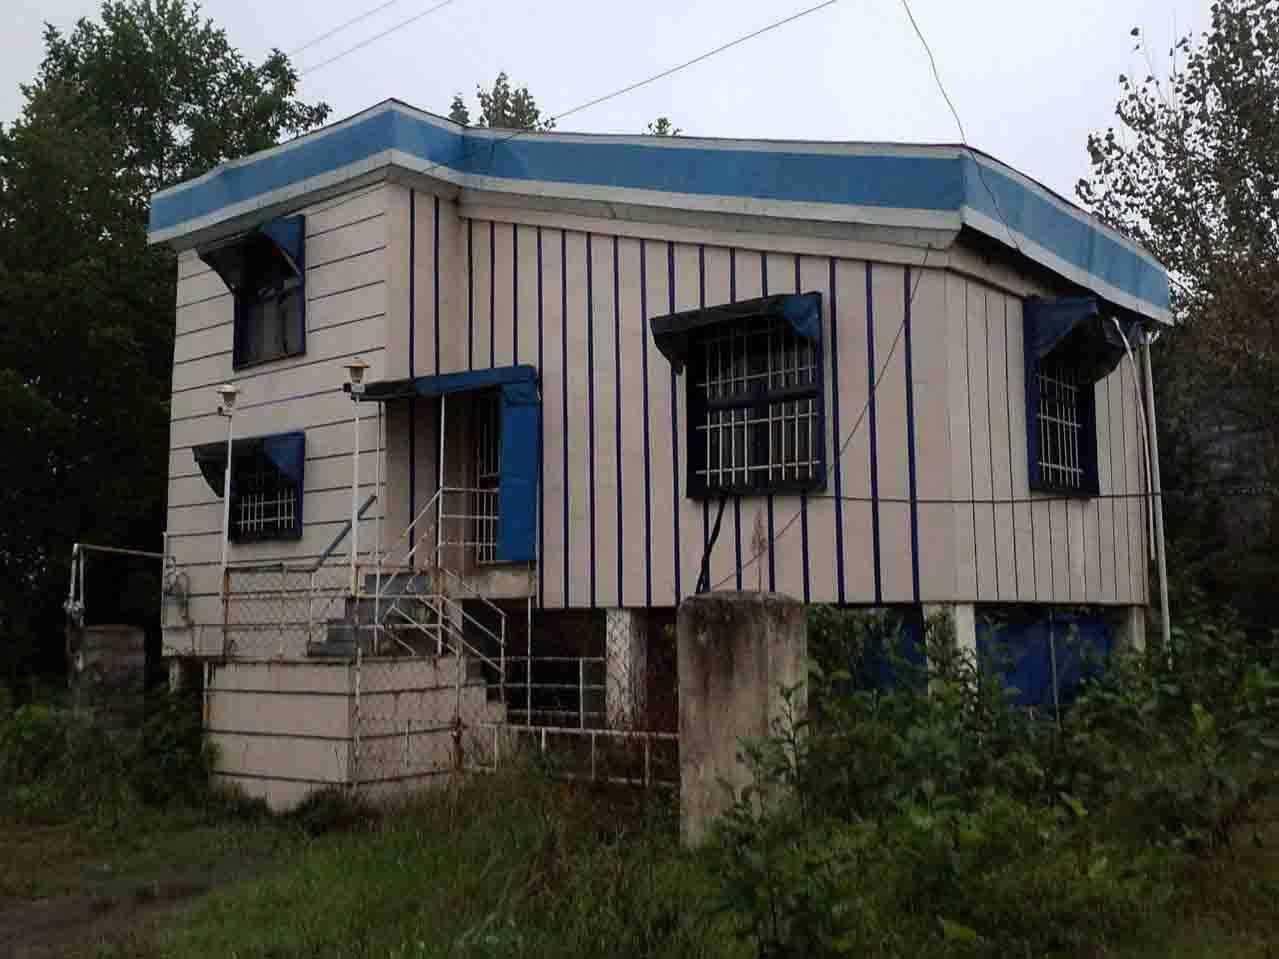 فروش خانه دوبلکس 500 متر زمین سیاهکل